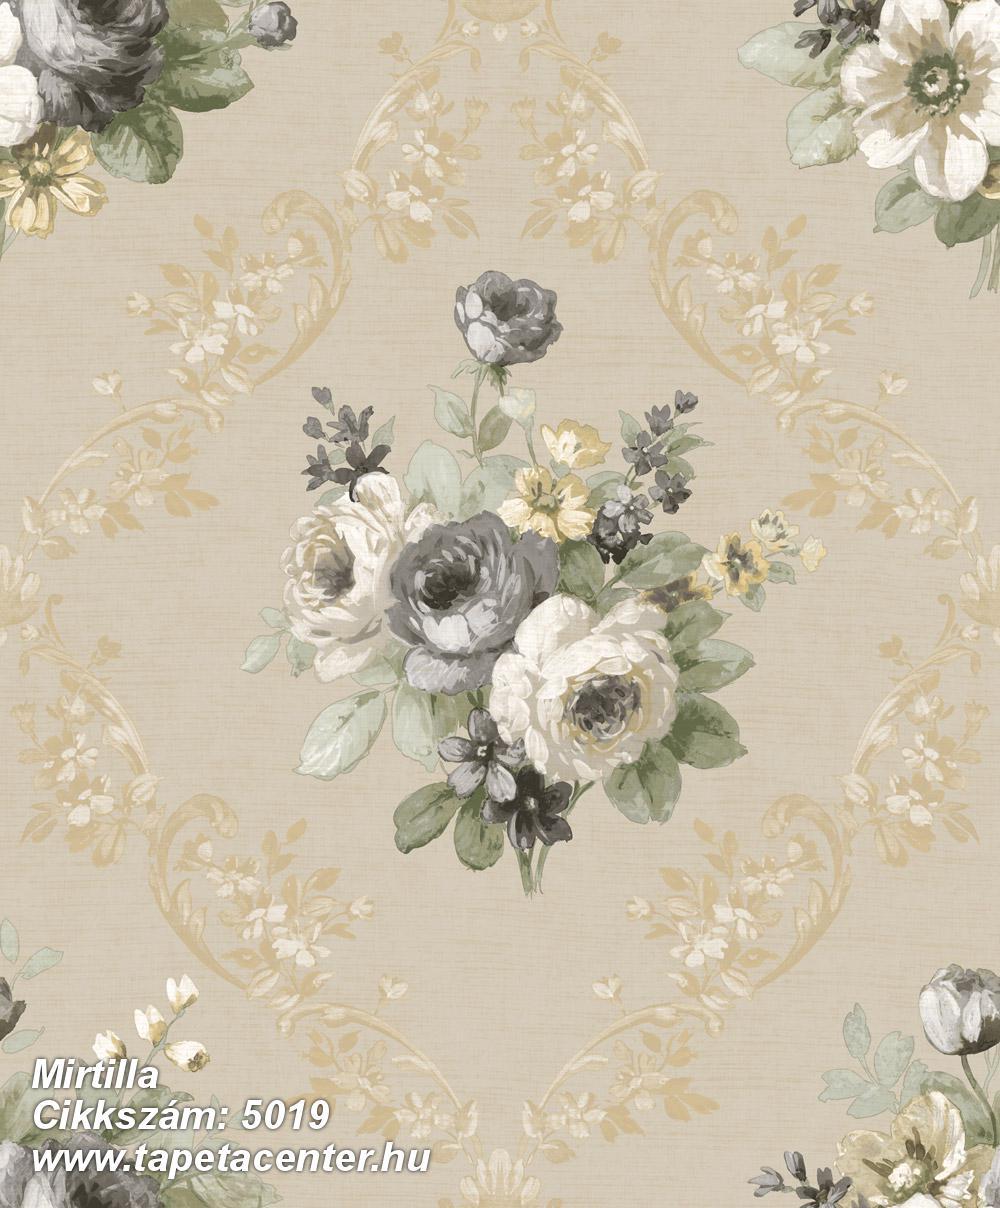 Barokk-klasszikus,virágmintás,arany,barna,bézs-drapp,fehér,szürke,zöld,súrolható,vlies tapéta